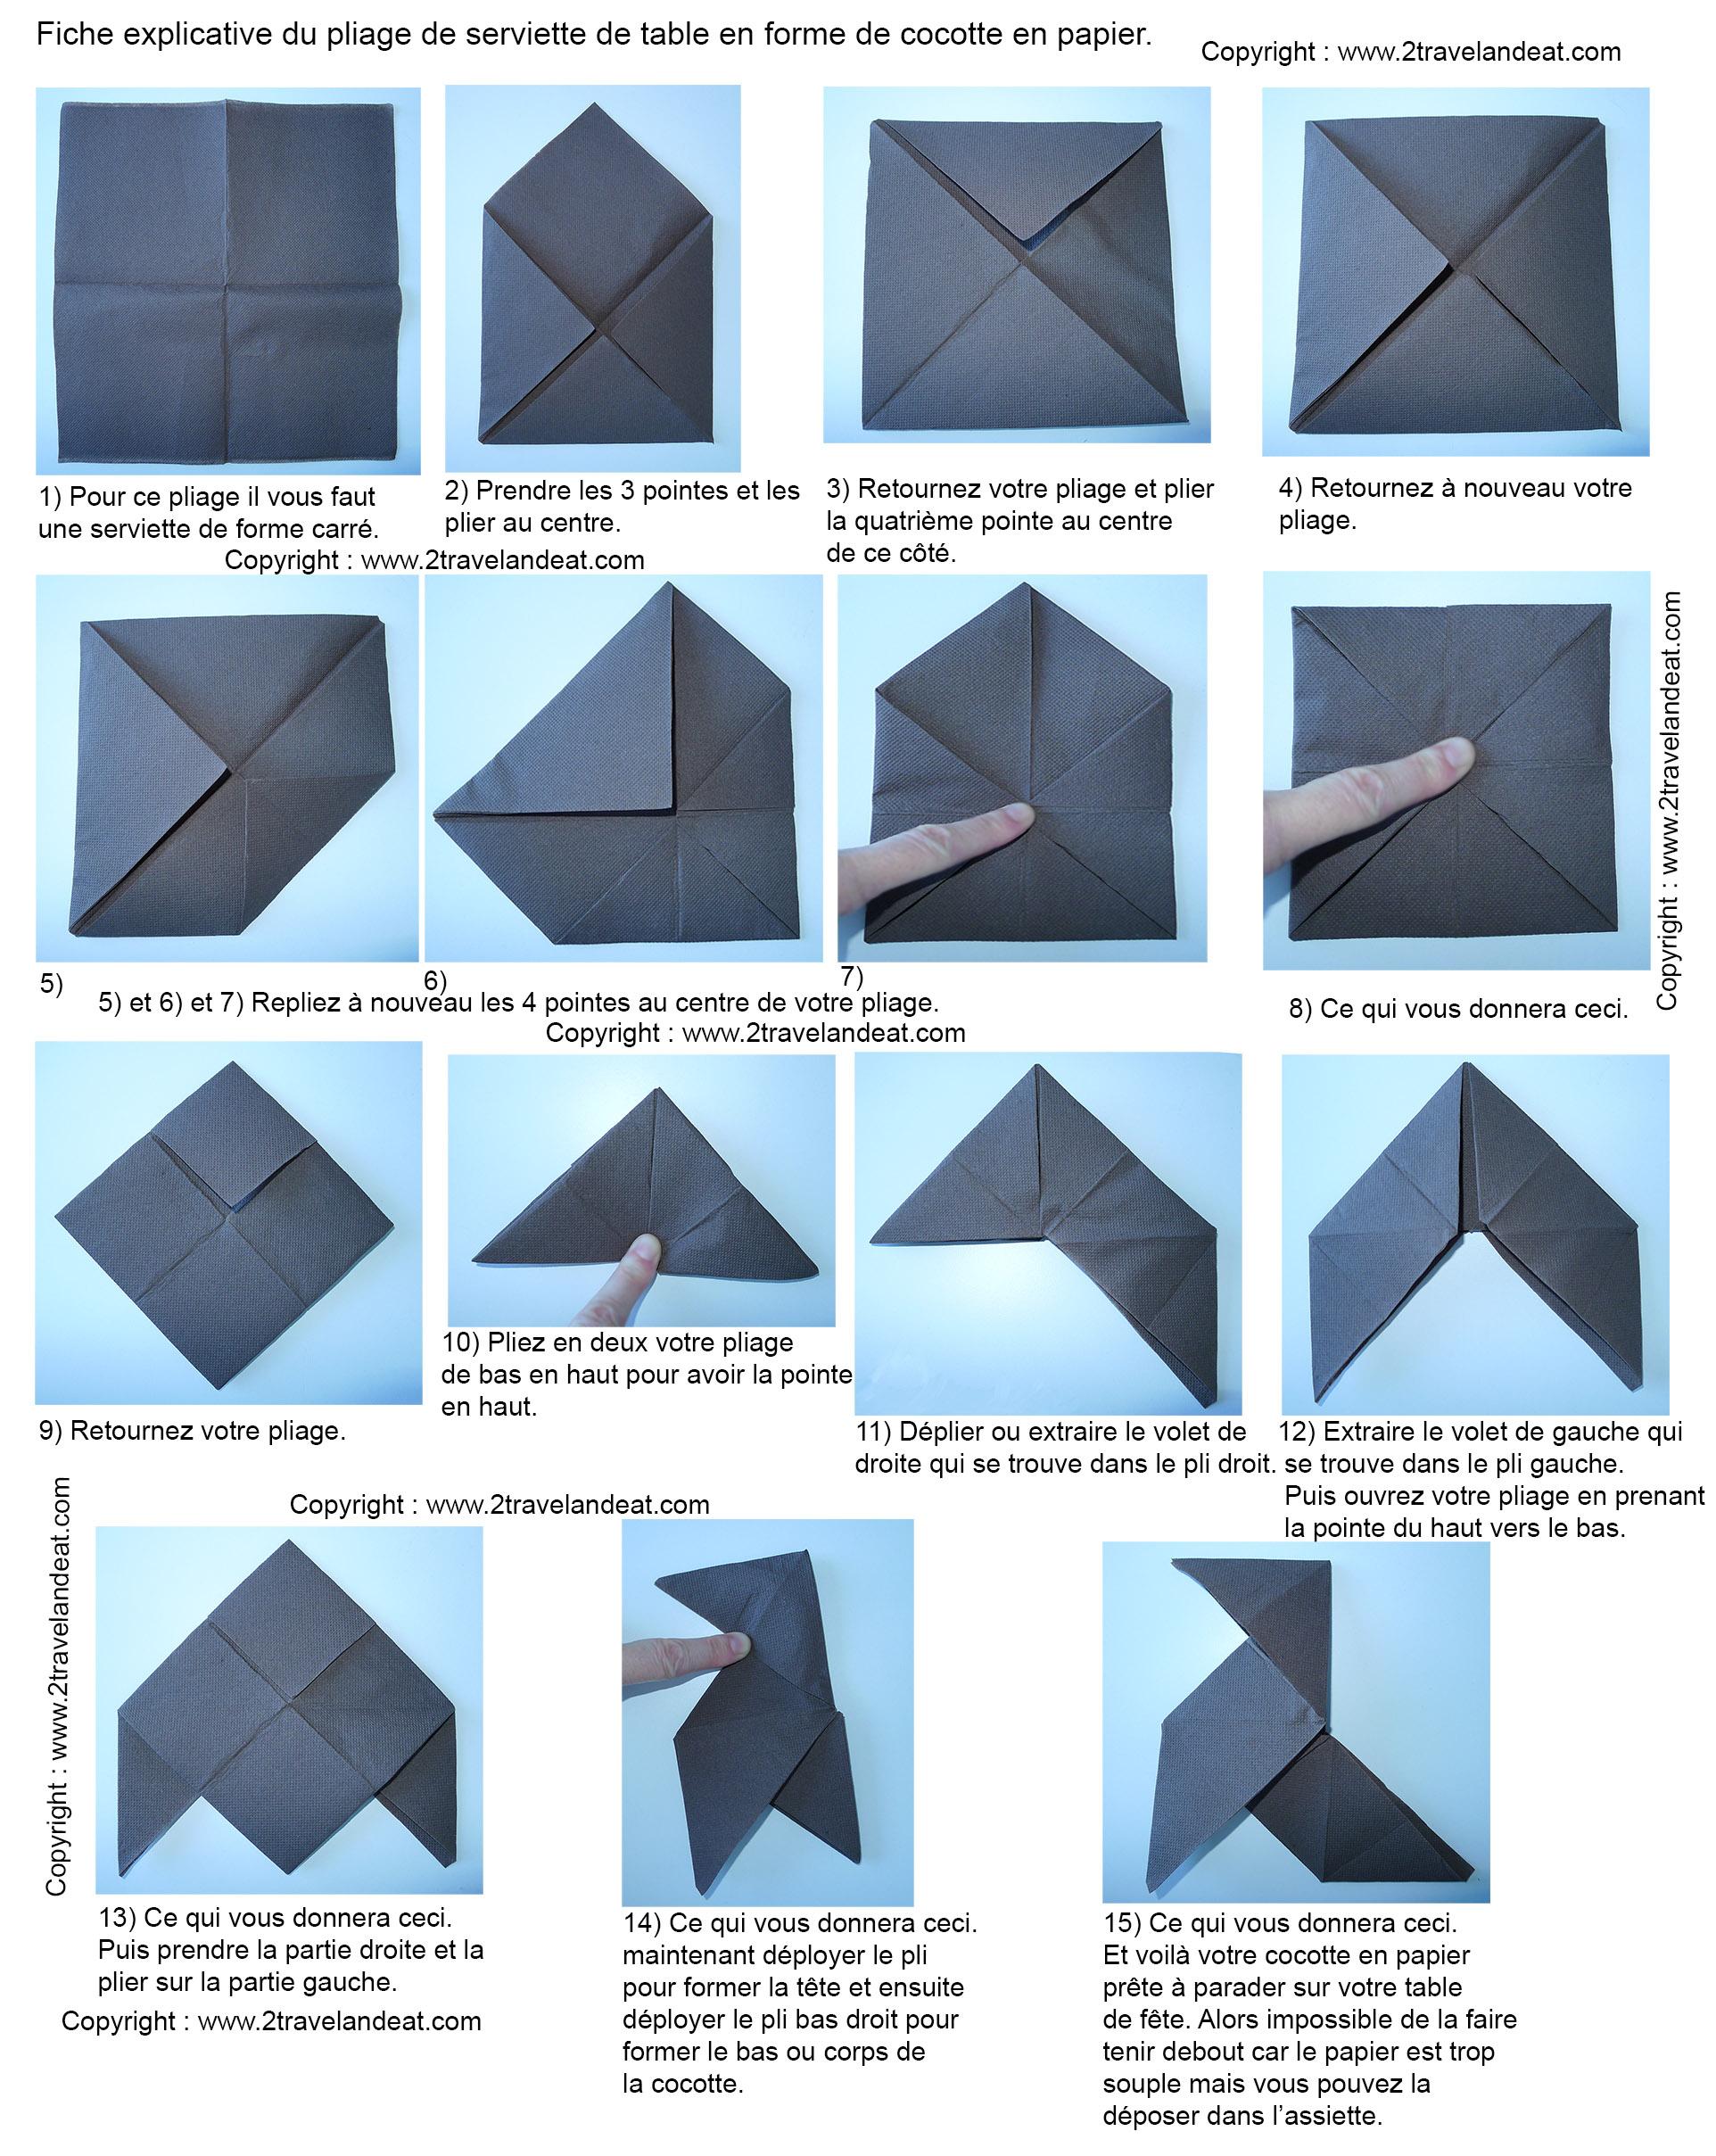 Fabuleux Comment Plier Une Serviette En Papier - Fashion Designs HB16